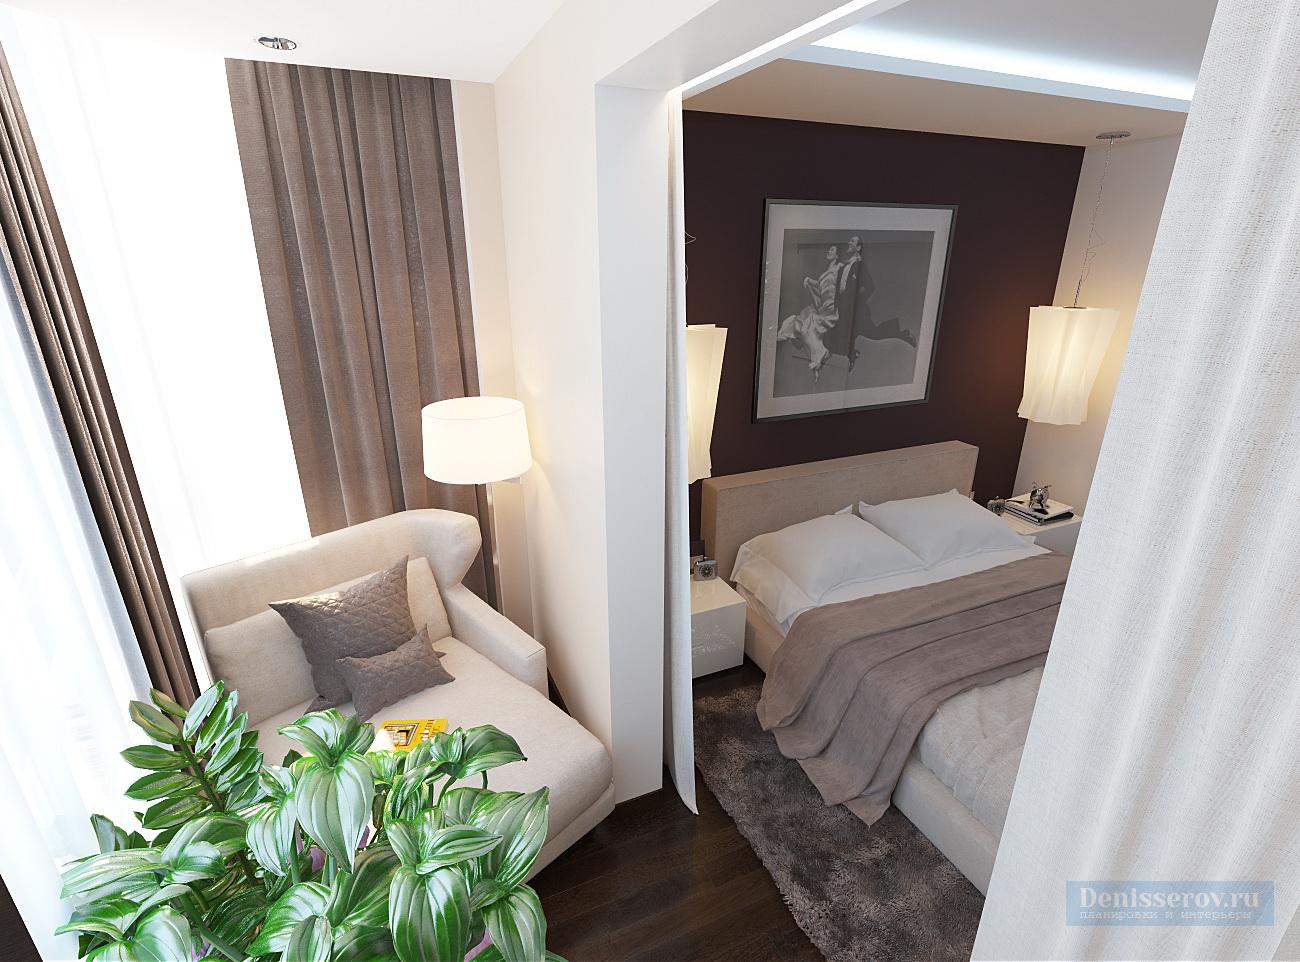 дизайн проект спальни 17 кв.м.